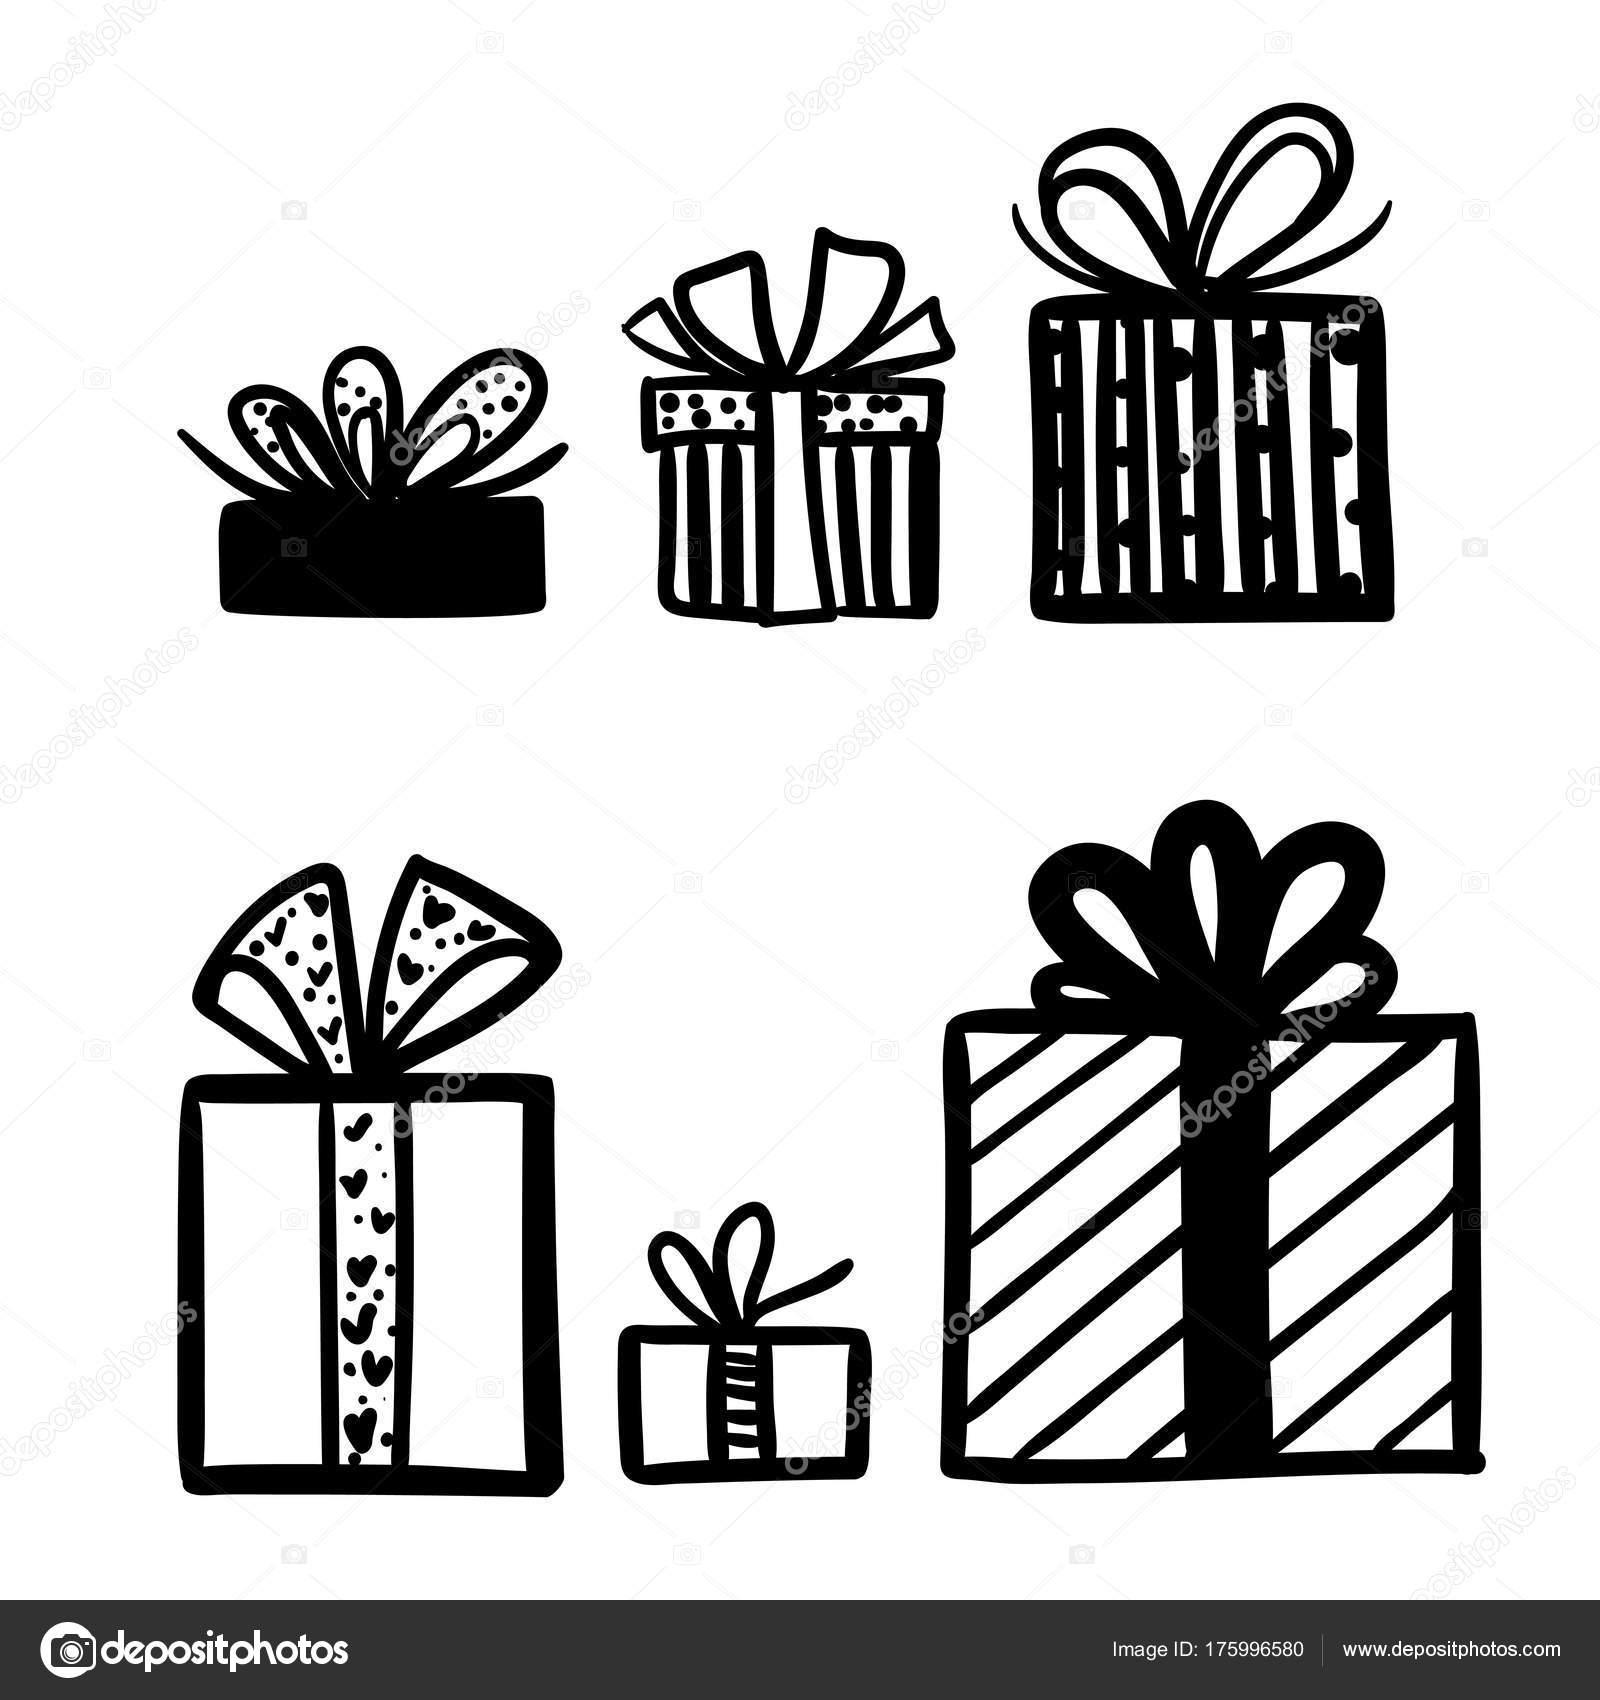 Geschenke. Weihnachten Vektor clipart — Stockvektor © anmark #175996580